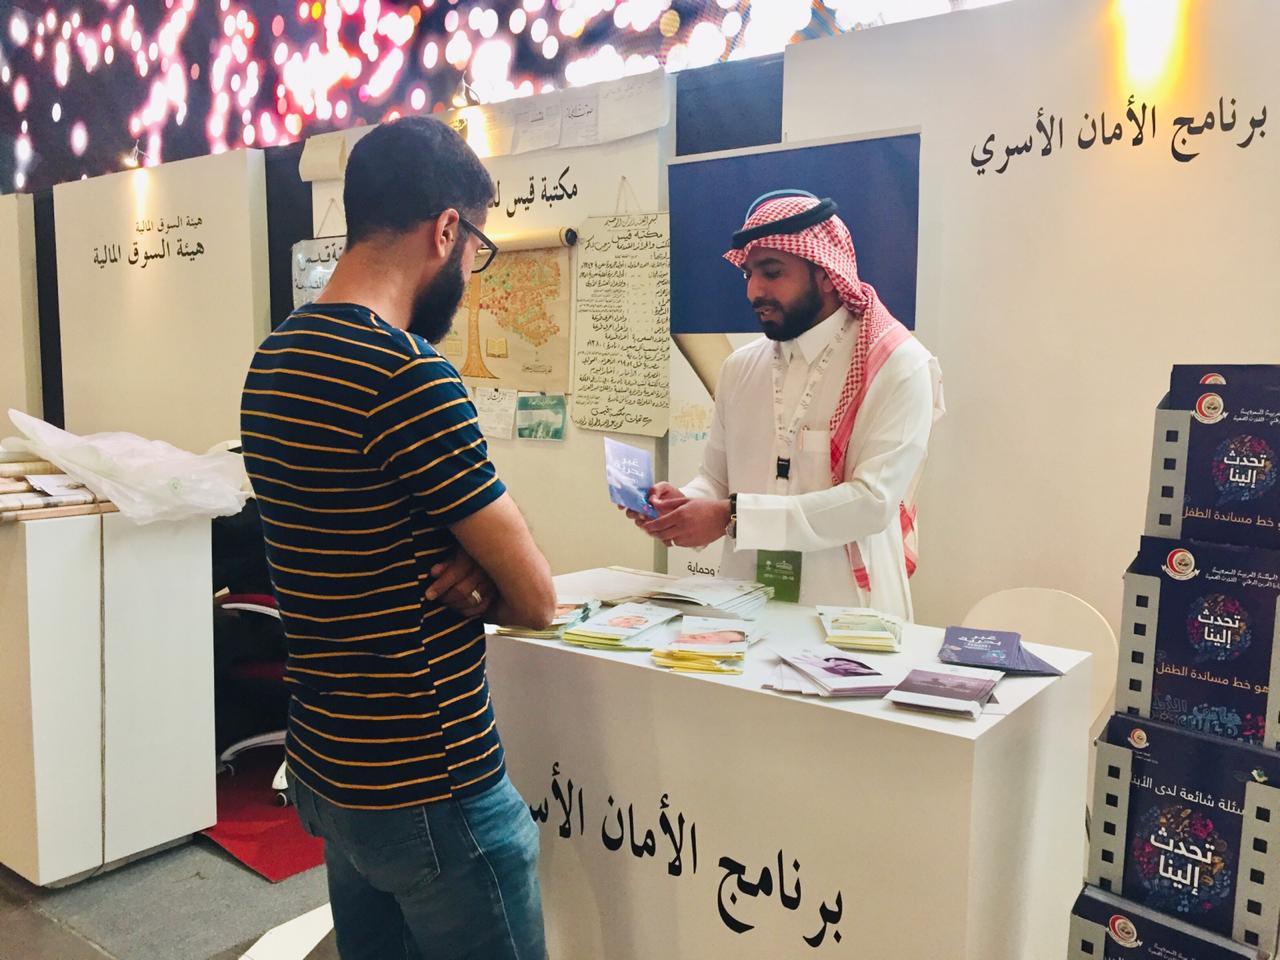 أمير حائل يرعى حفل انطلاق فعاليات مؤتمر تيدكس العالمي